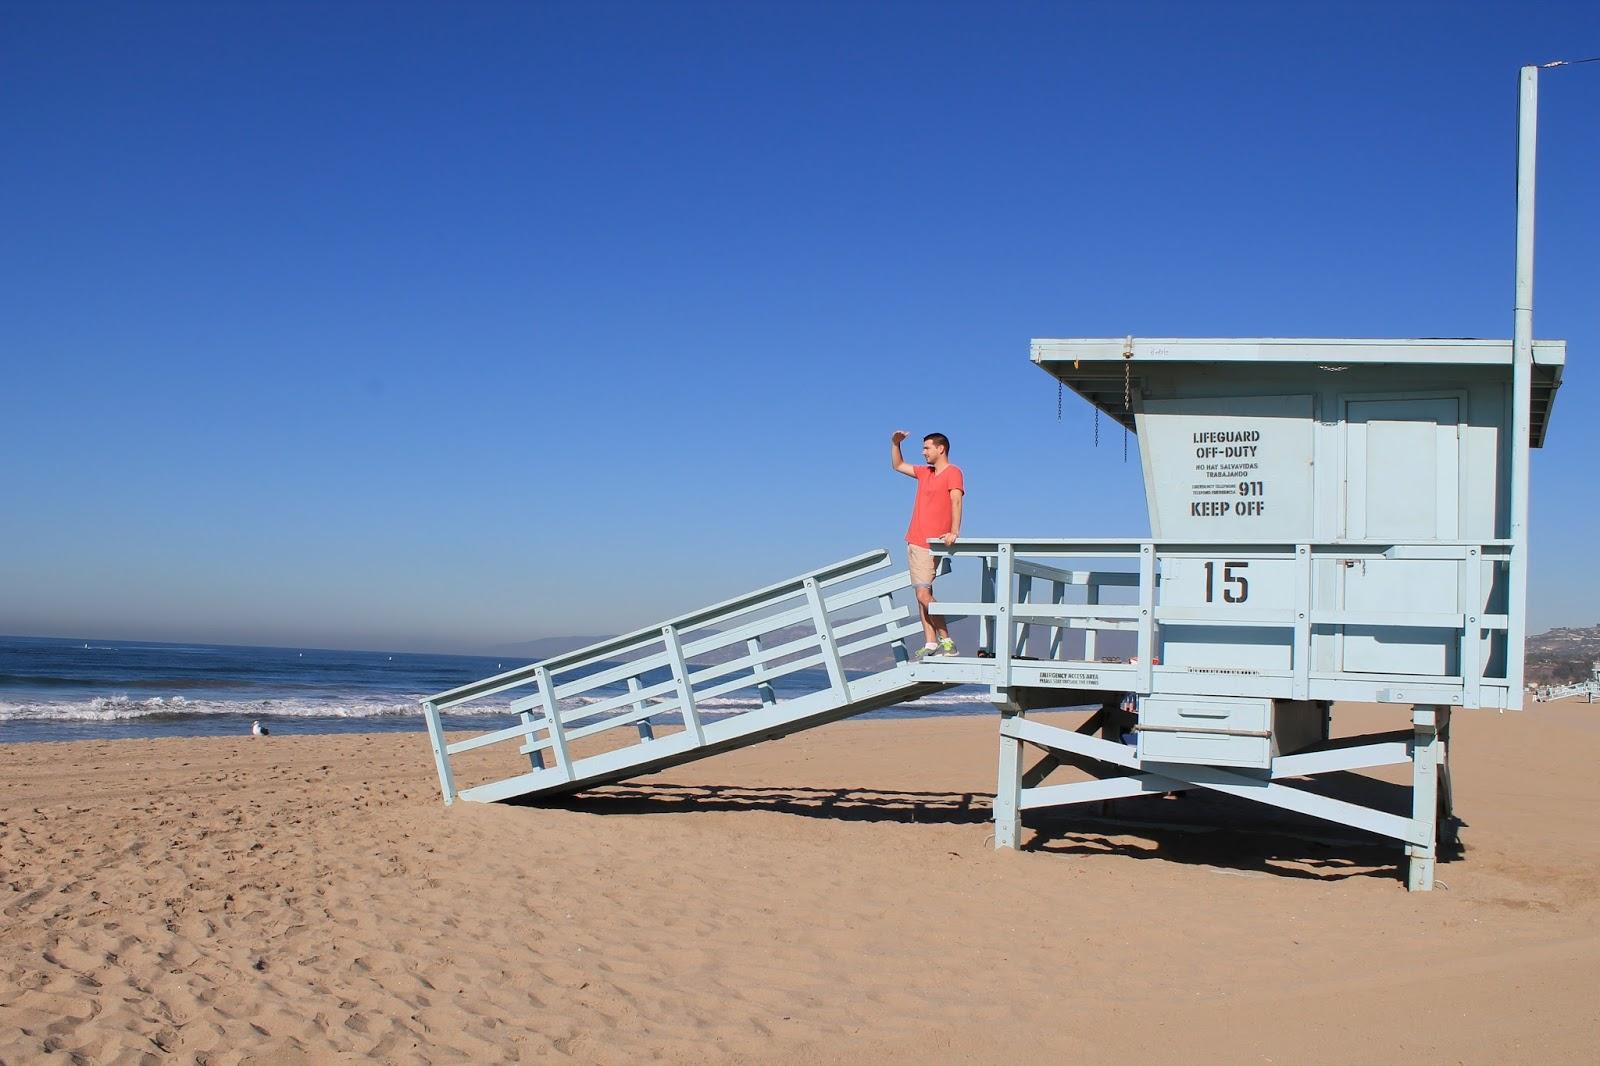 USA états unis amérique vacance transat roadtrip ouest américain santa monica plage poste de secours lifeguard